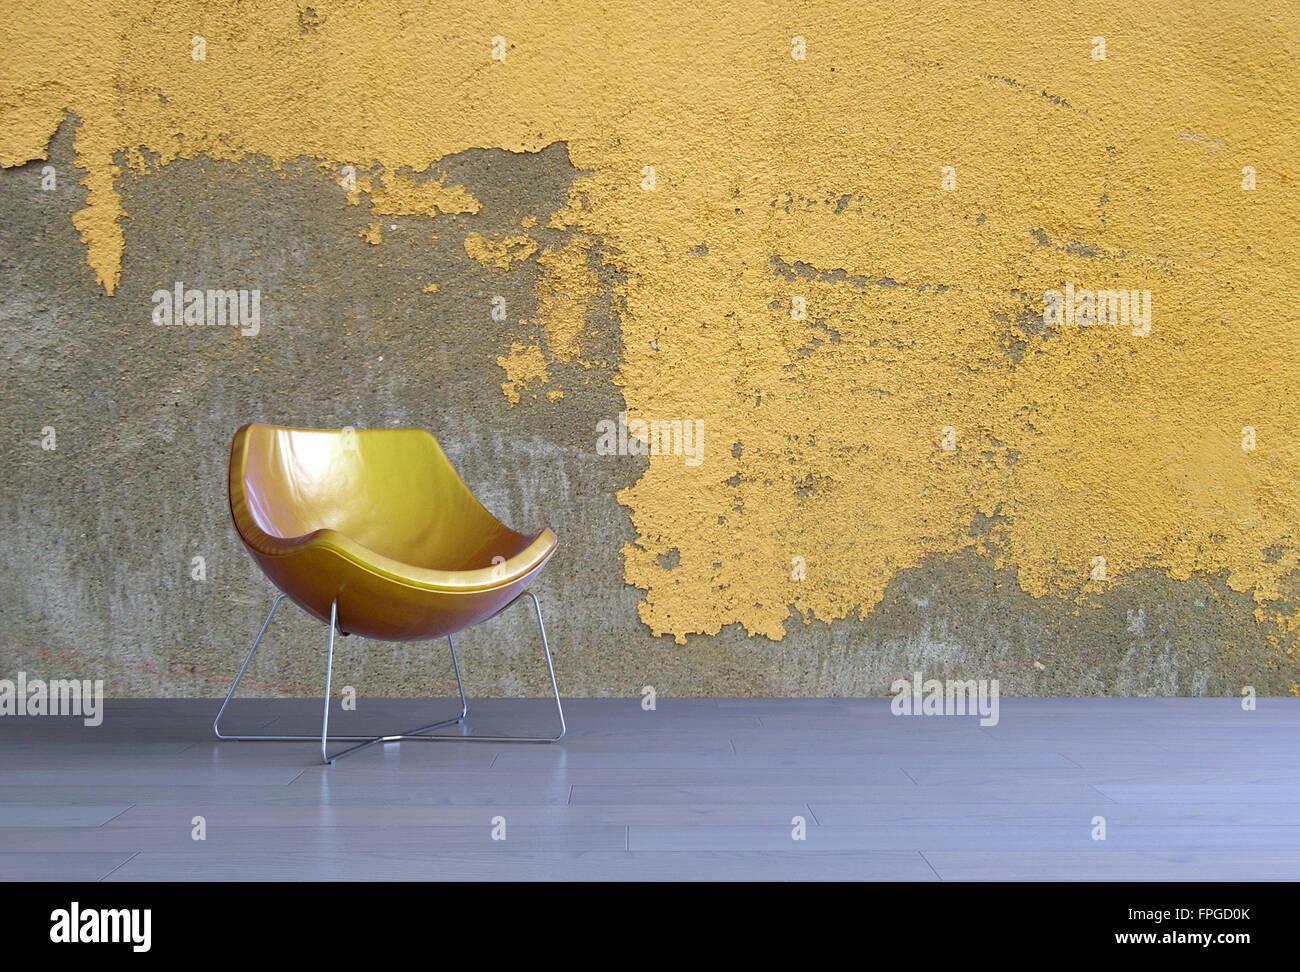 3D Rendering eines einfachen modernen gelbe Wanne-Lehrstuhls für ein ...